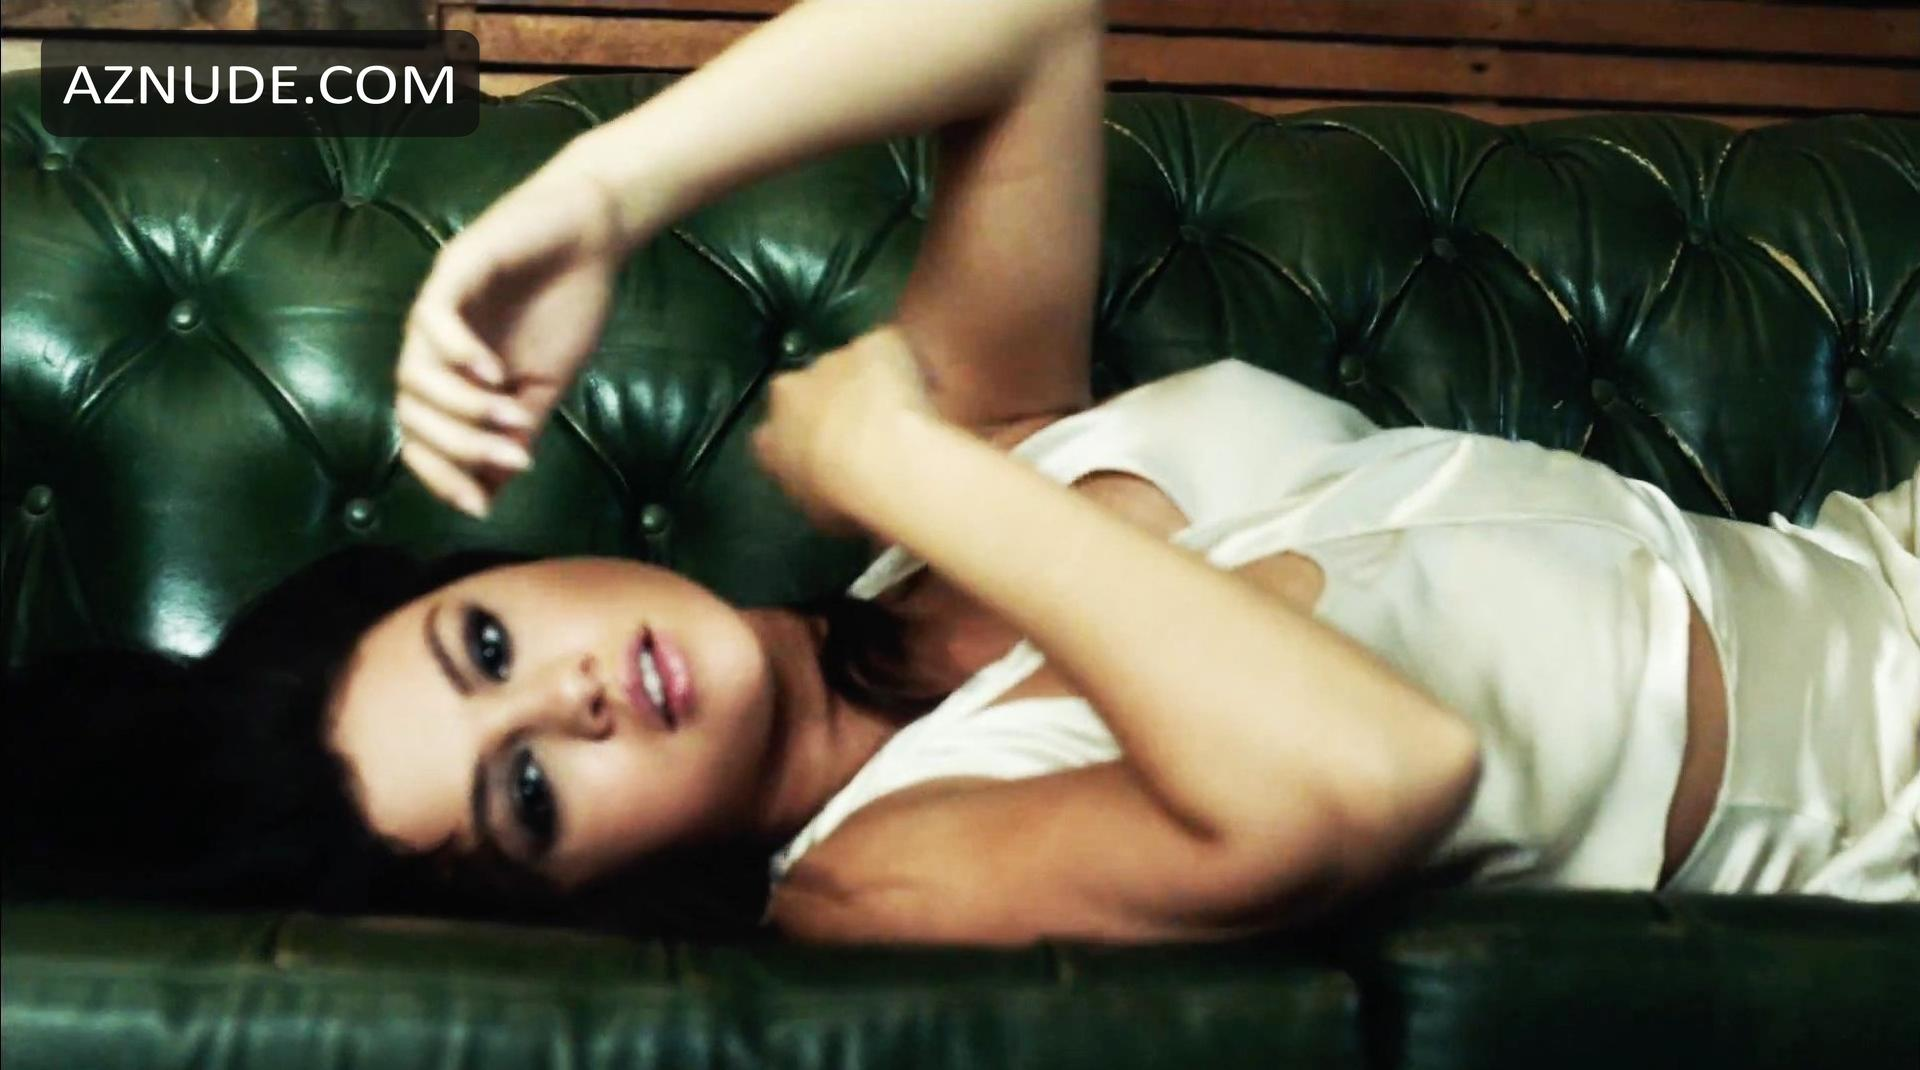 Selena gomez nude scene